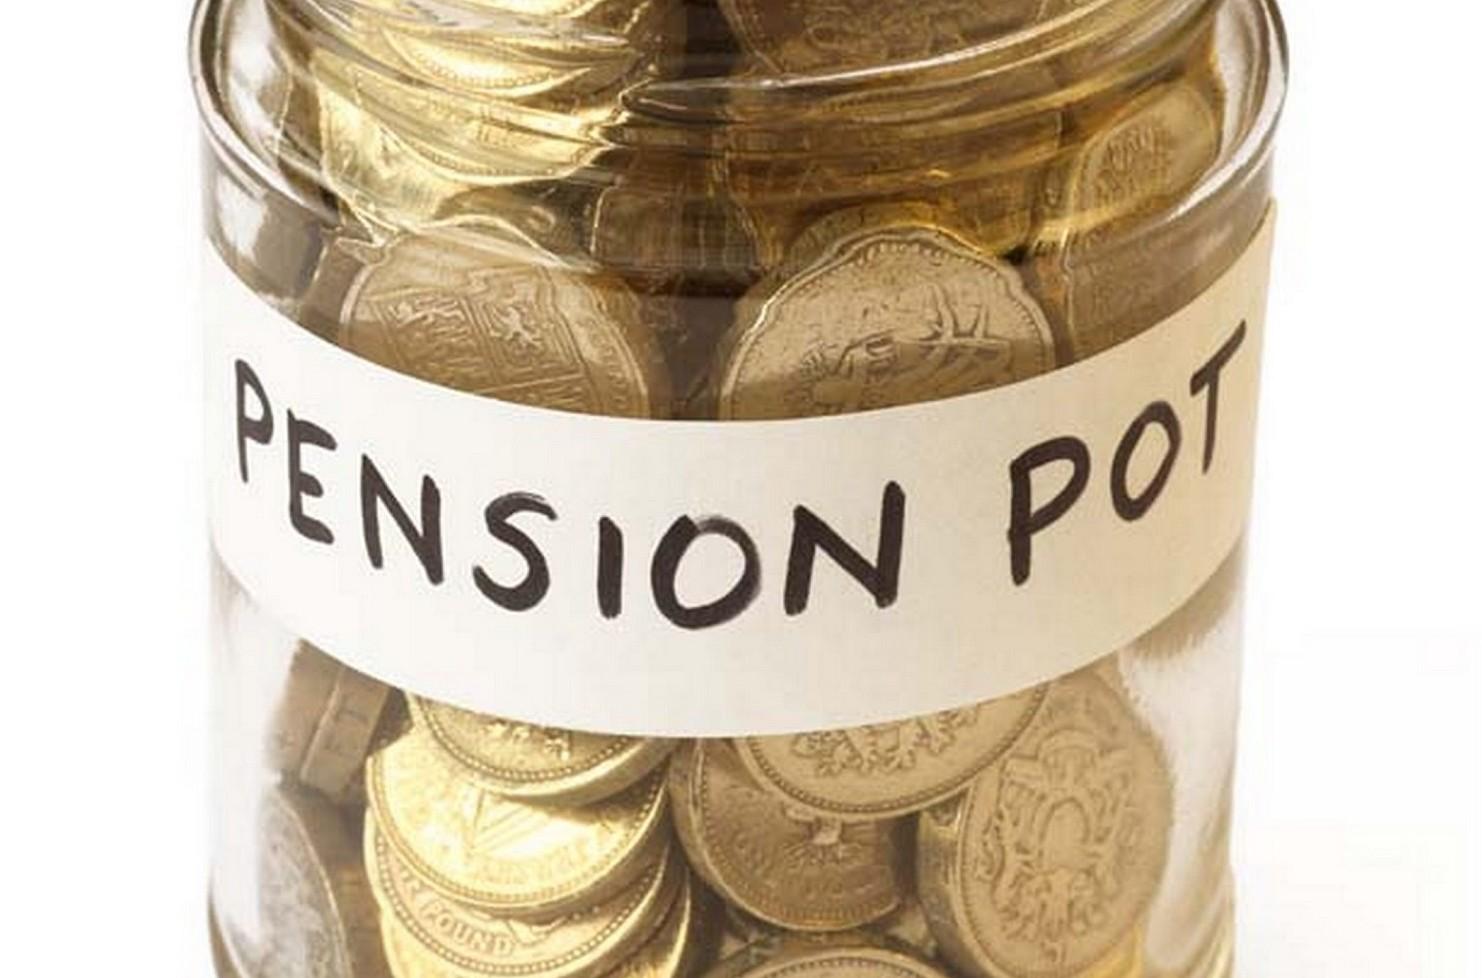 Pensioni ultime notizie tre atti finta a